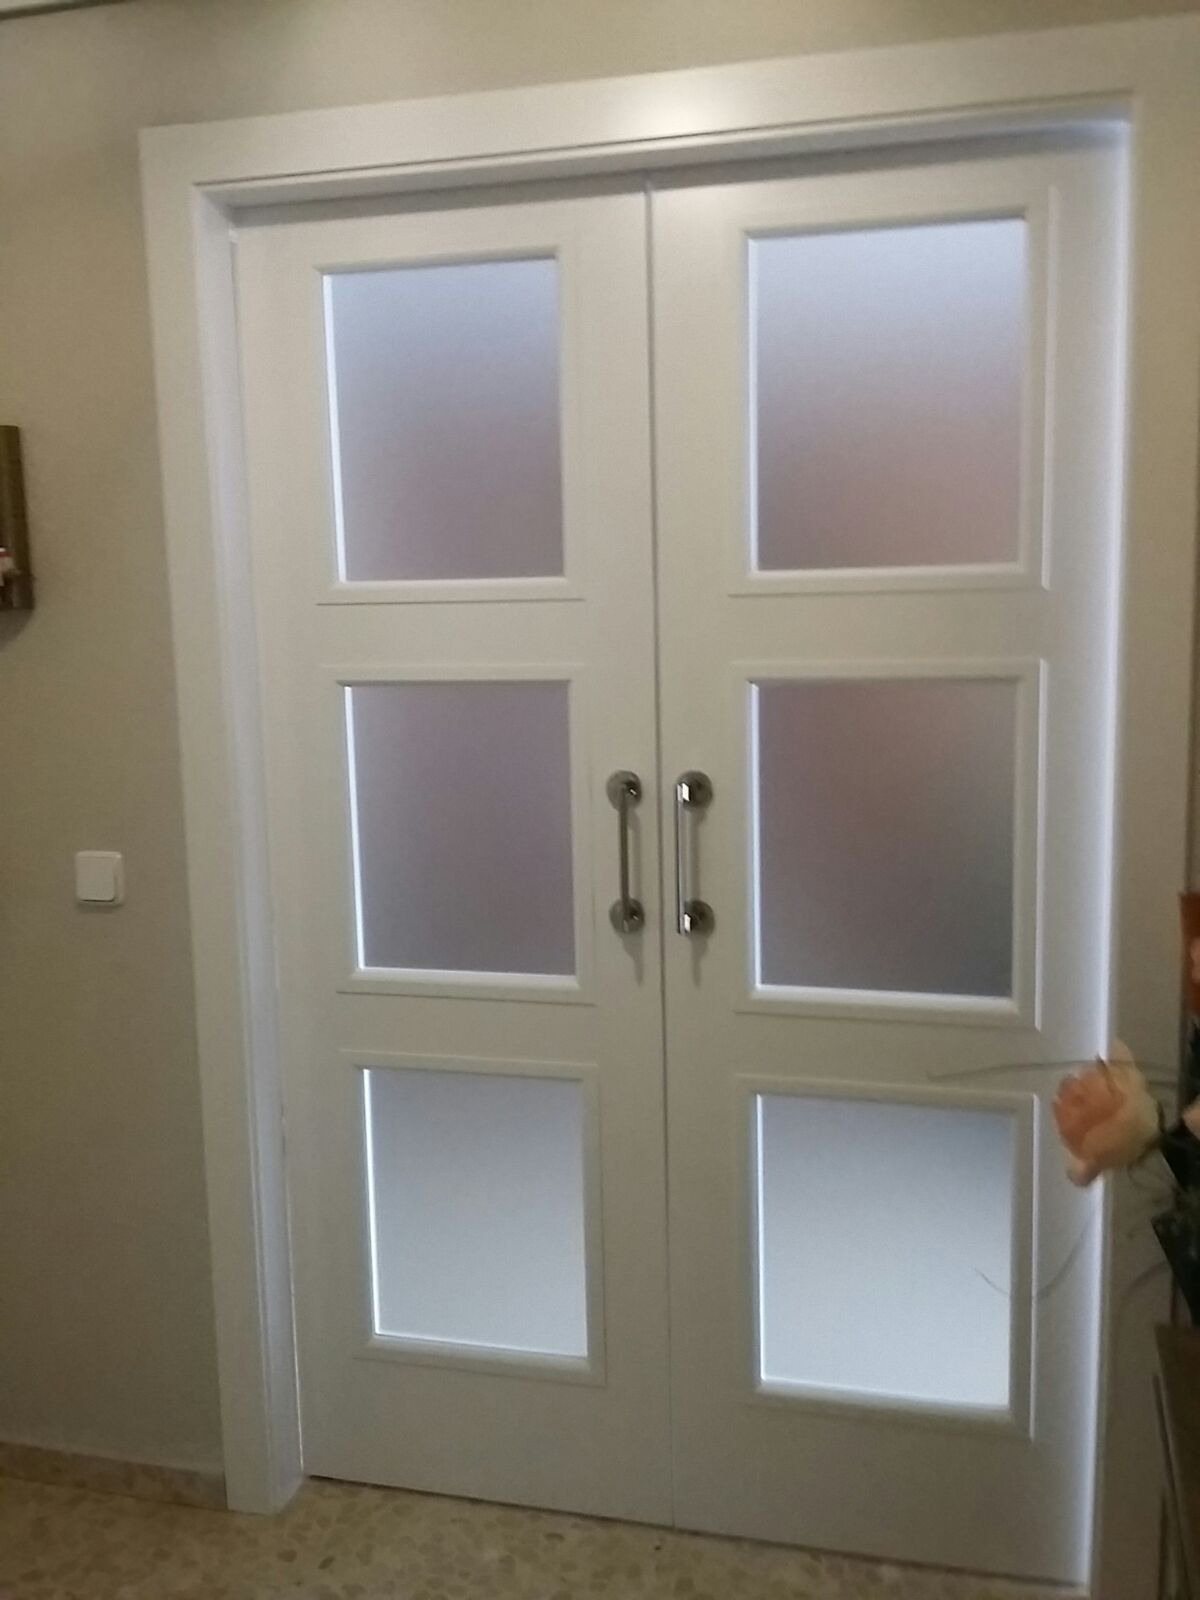 Doble 9300 ar v3 lacada en blanco con cristal mate - Cristales decorados para puertas ...